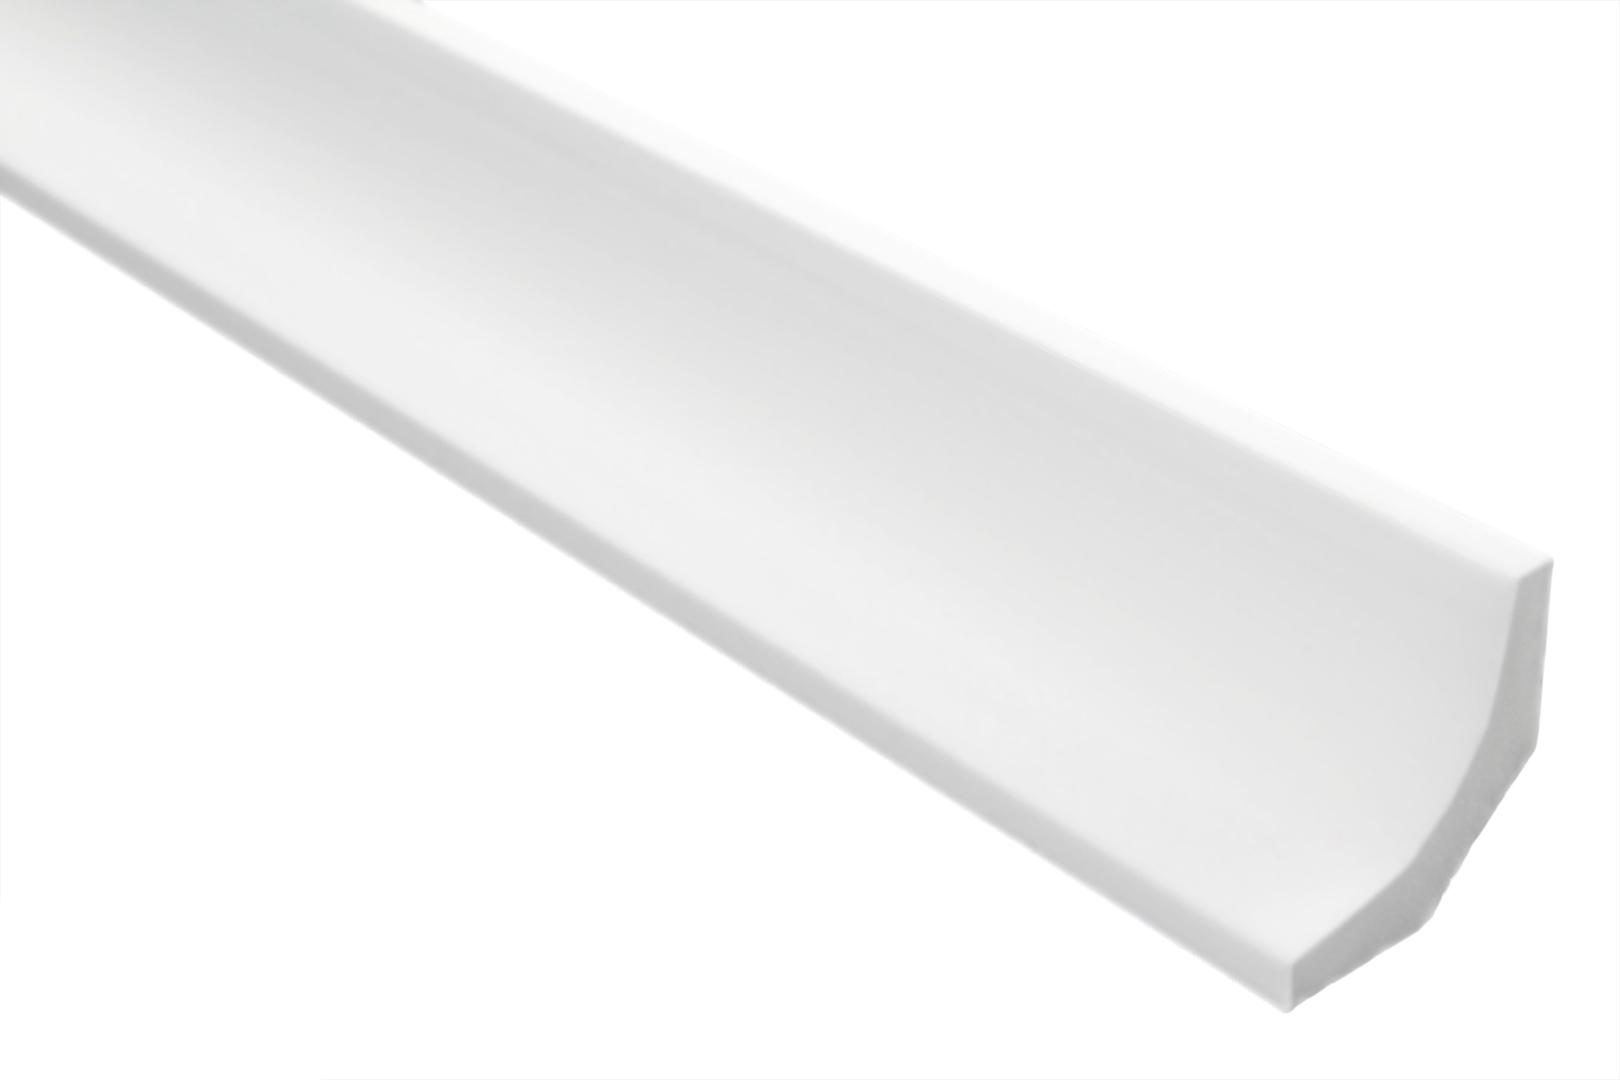 modern wei/ß 20 Meter Zierleisten Sparpaket E-43-NK extrudiertes Styropor dekorativ 50 x 50 mm inkl Stuckprofile leicht und stabil 4 Ecken vorgefertigte Ecken XPS